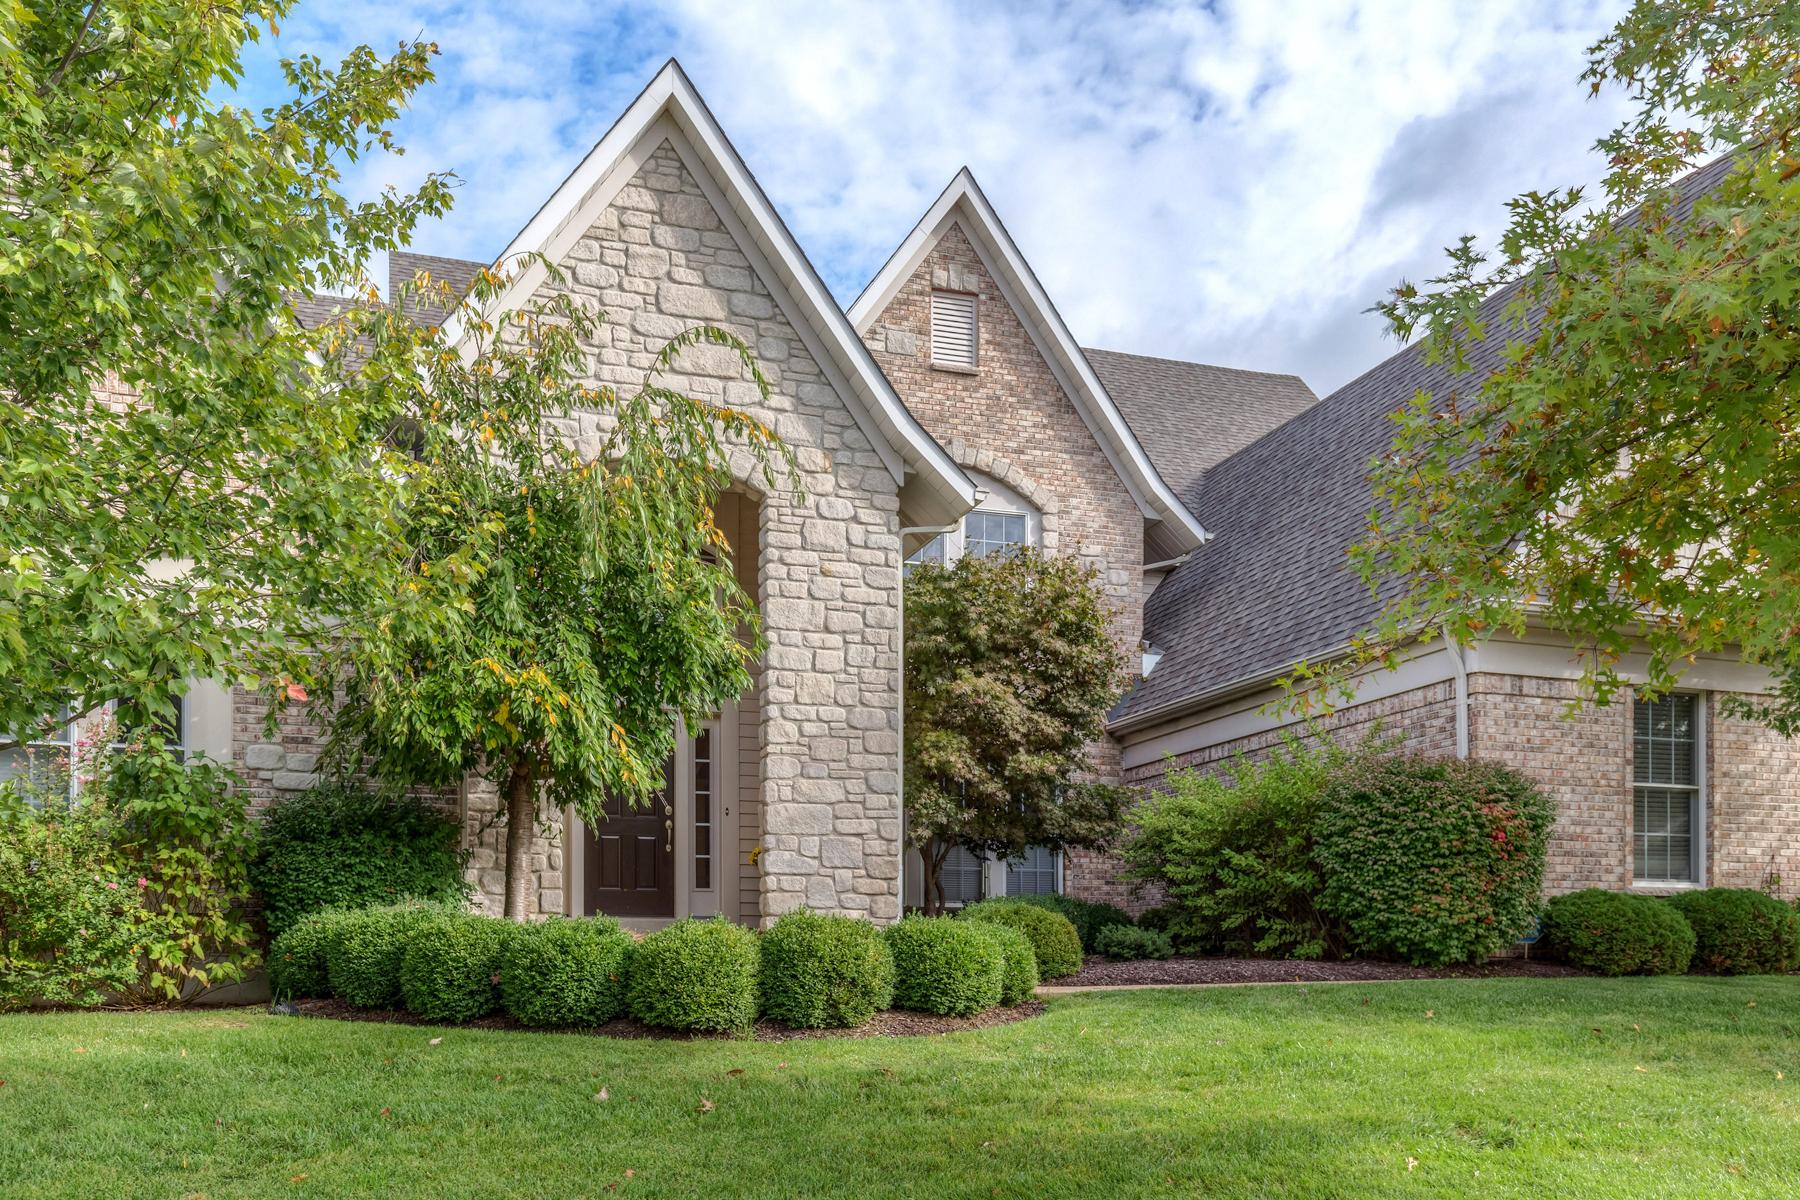 Casa para uma família para Venda às 2702 Wynncrest Manor 2702 Wynncrest Manor Dr Chesterfield, Missouri, 63005 Estados Unidos